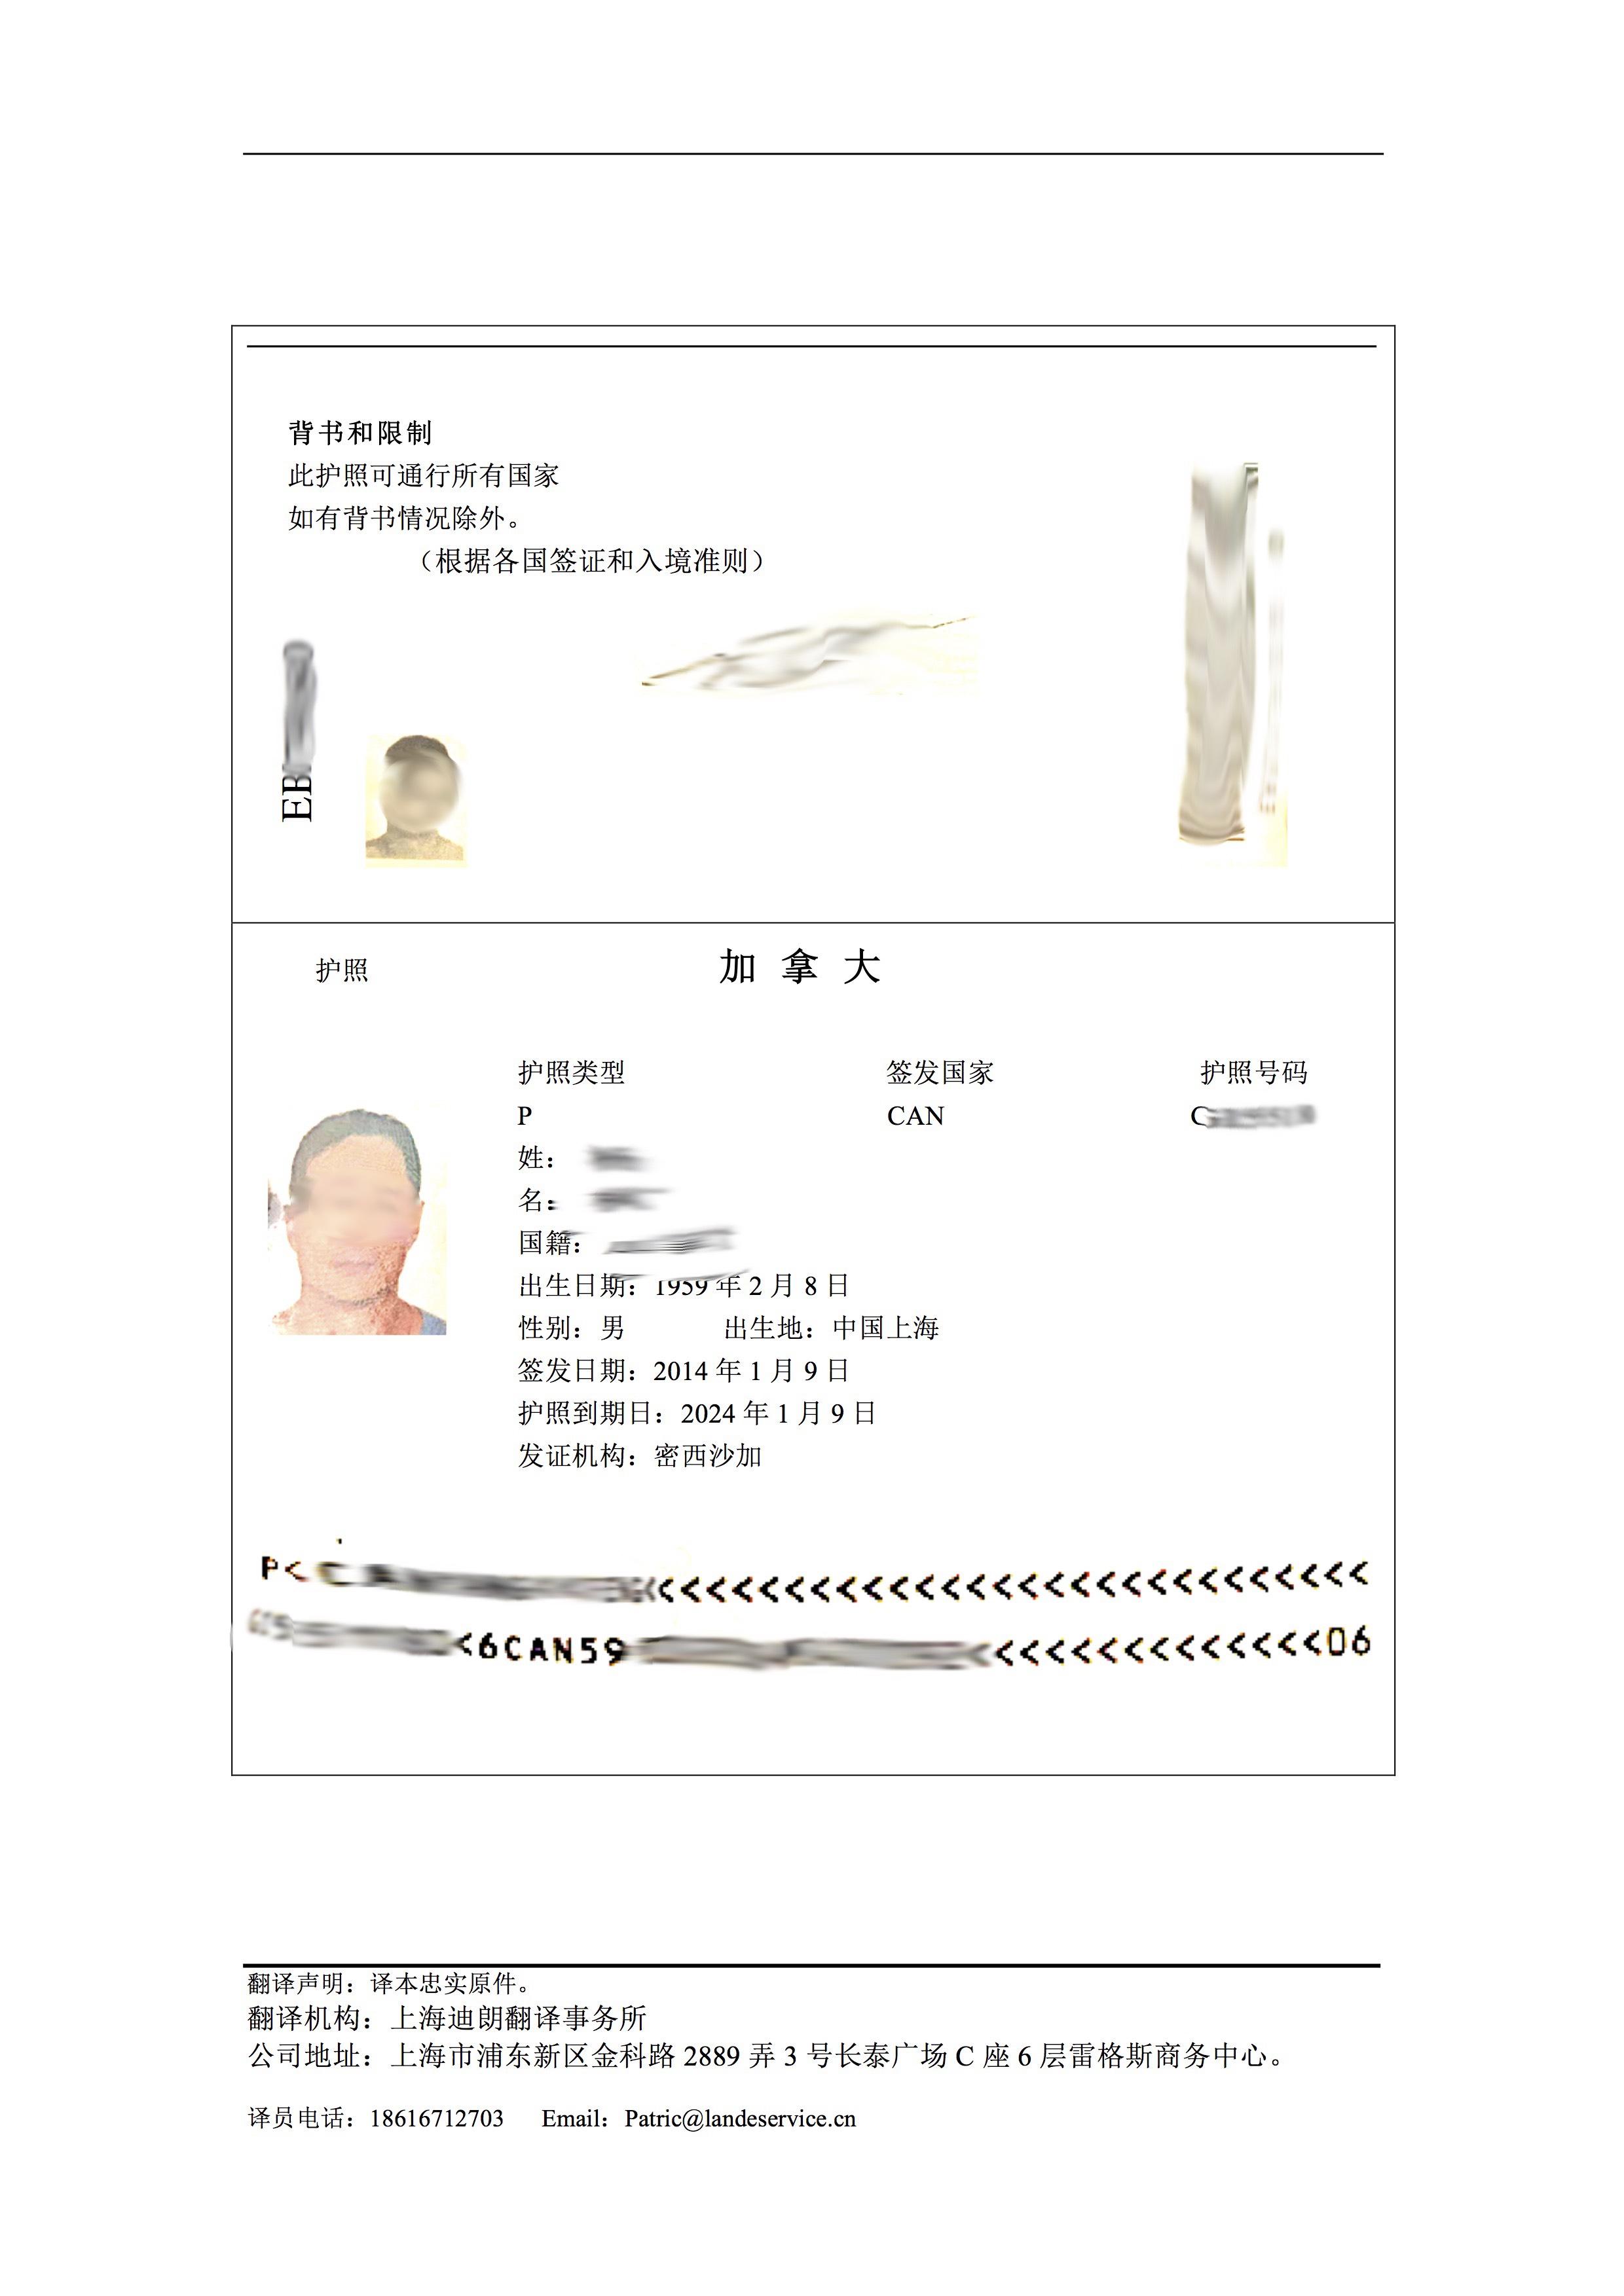 2 - 加拿大护照翻译盖章